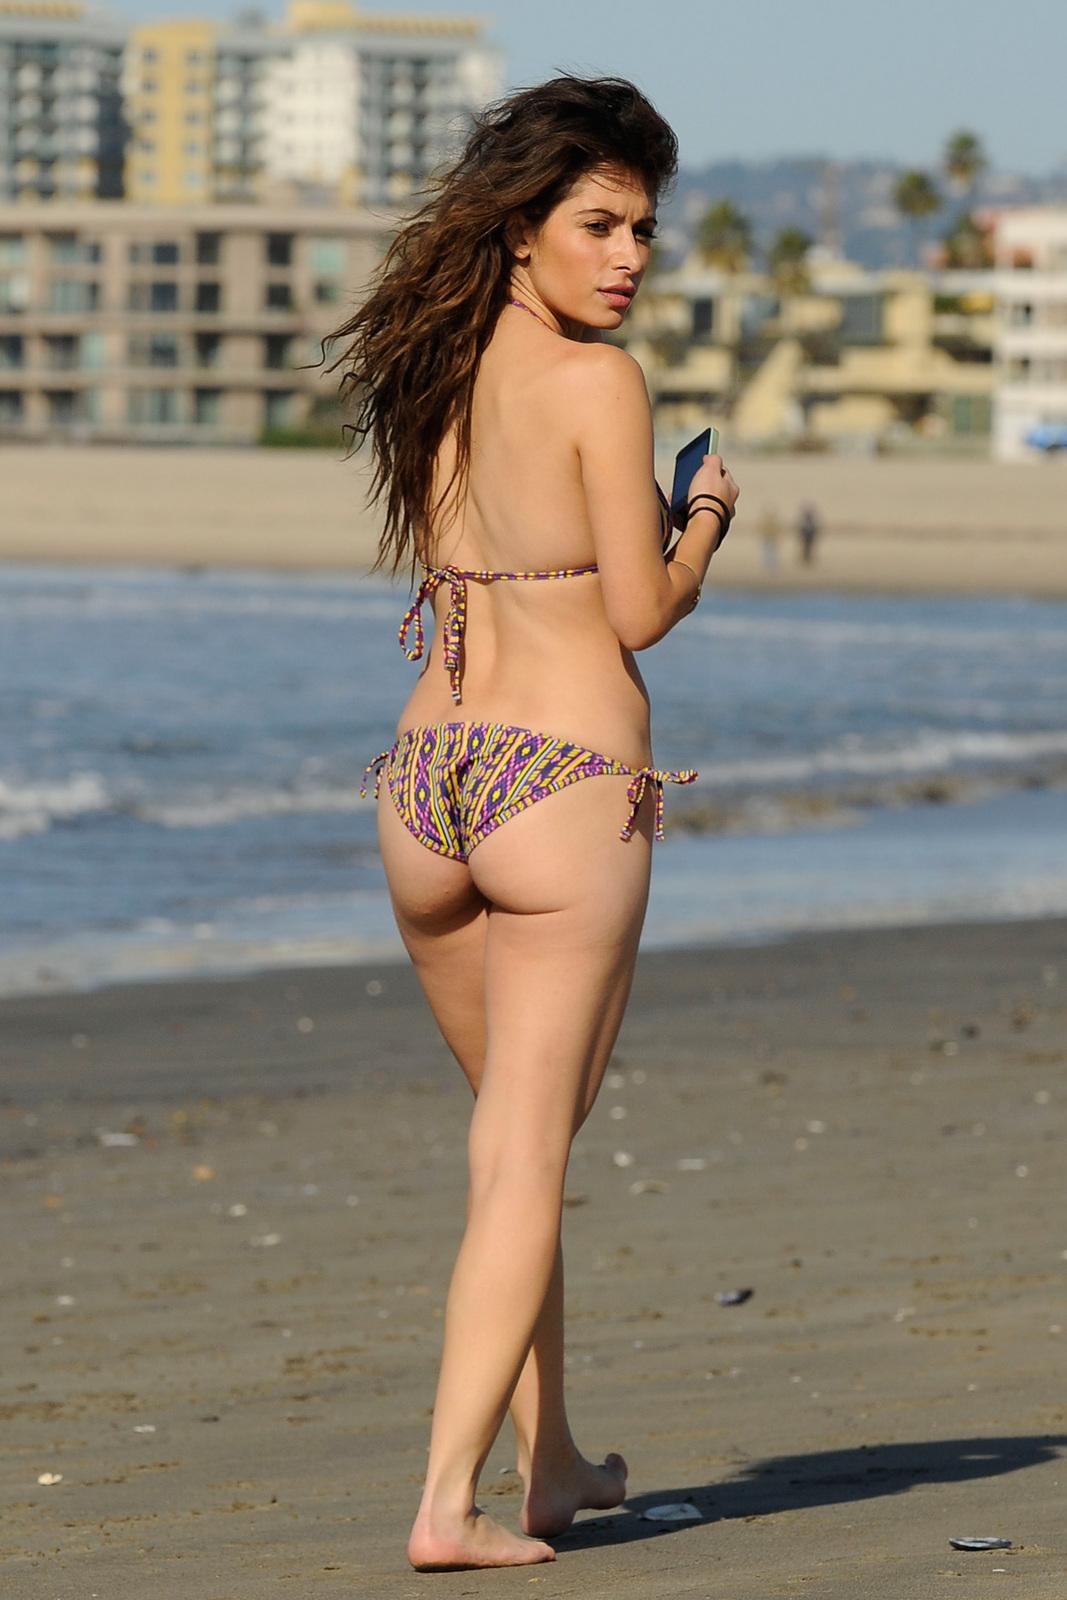 sarah shahi nude picture